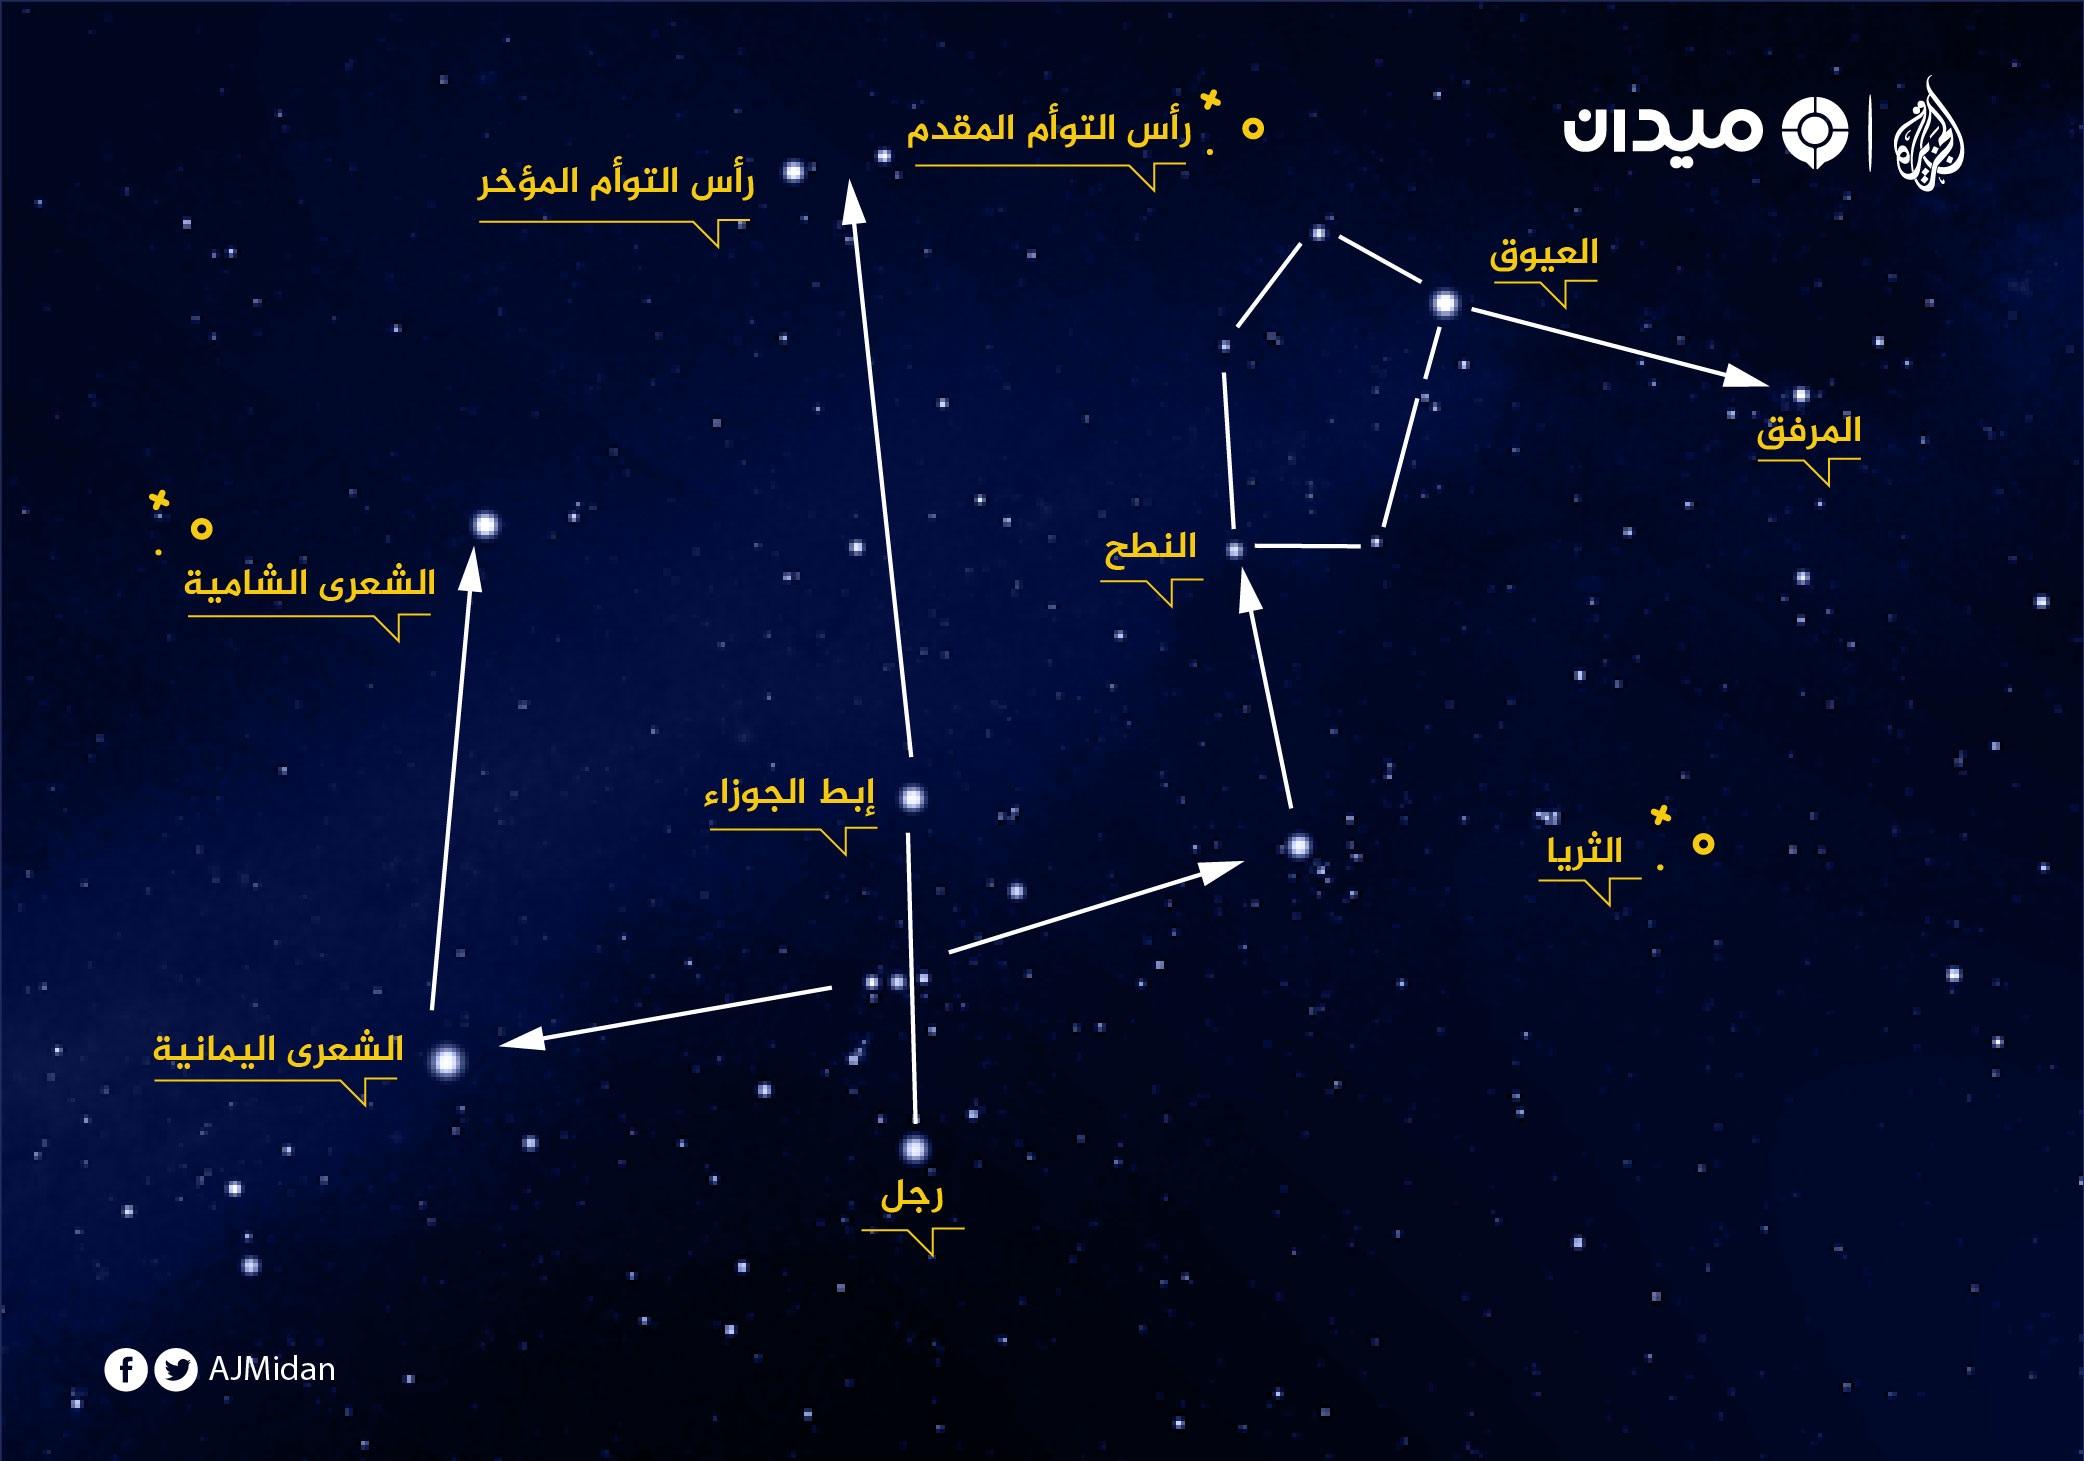 دليلك لقراءة نجوم السماء في فصل الشتاء